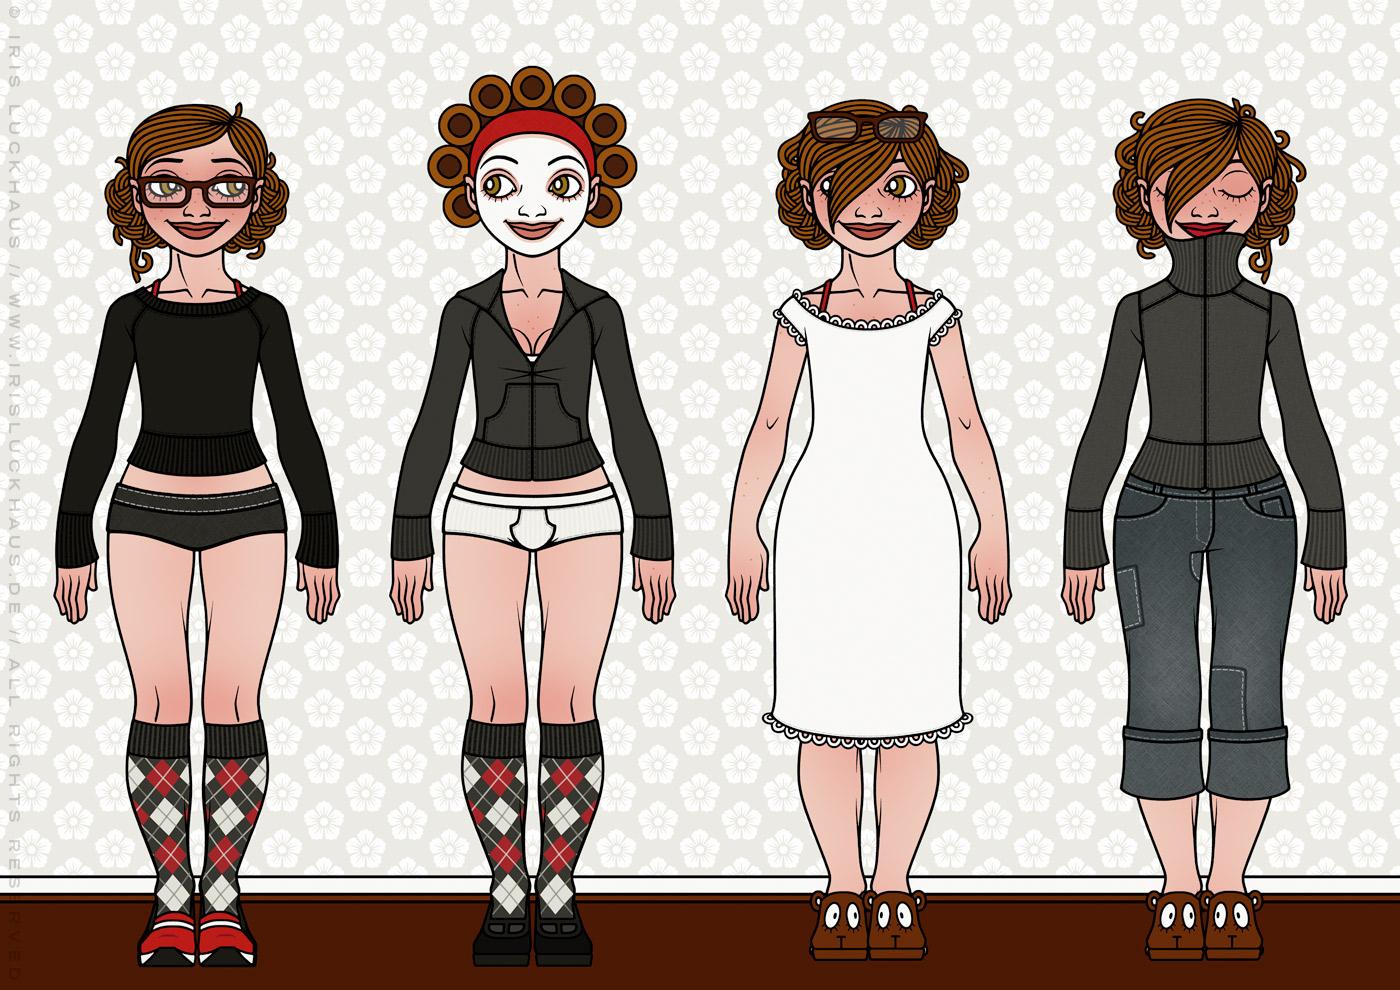 Characterdesign und Styling mit Kleidung, Mode und Zuhause-Outfits wie Unterwäsche, Nachthemd, Gesichtsmaske und Strickjacke für Lily Lux